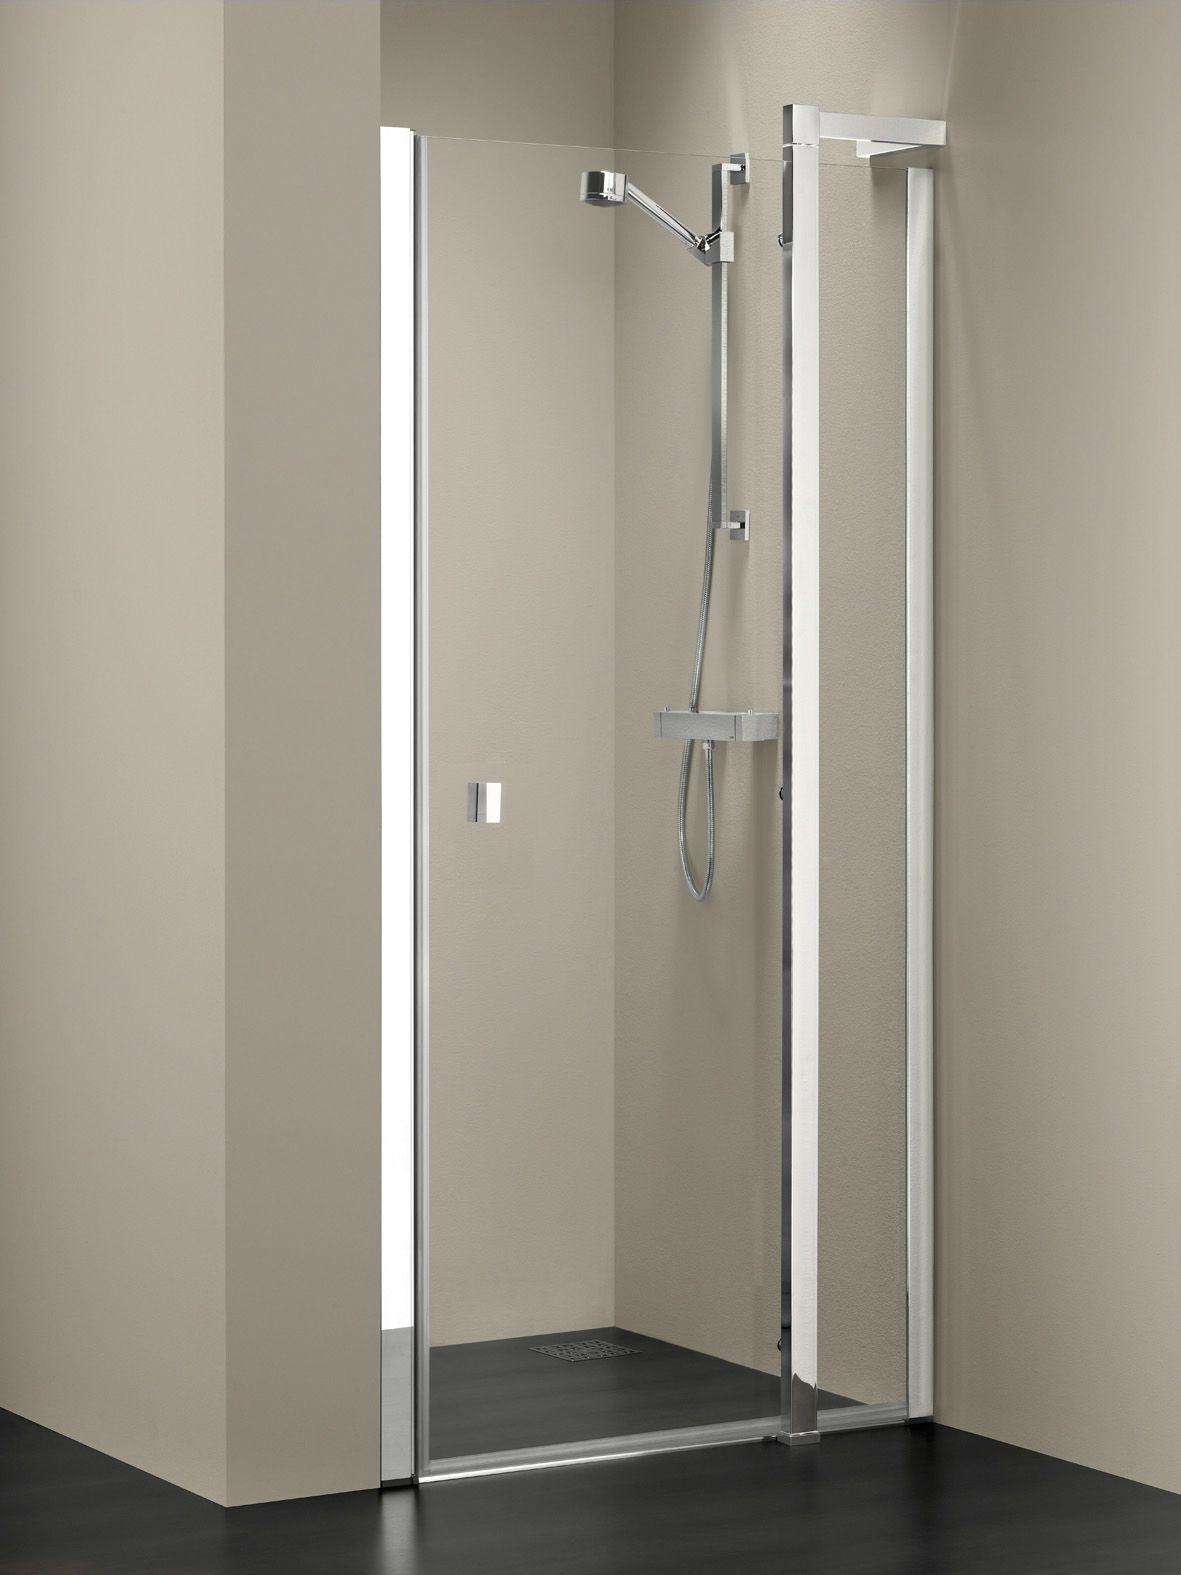 nisdeur handig tussen twee muren douchen douchecabine pinterest